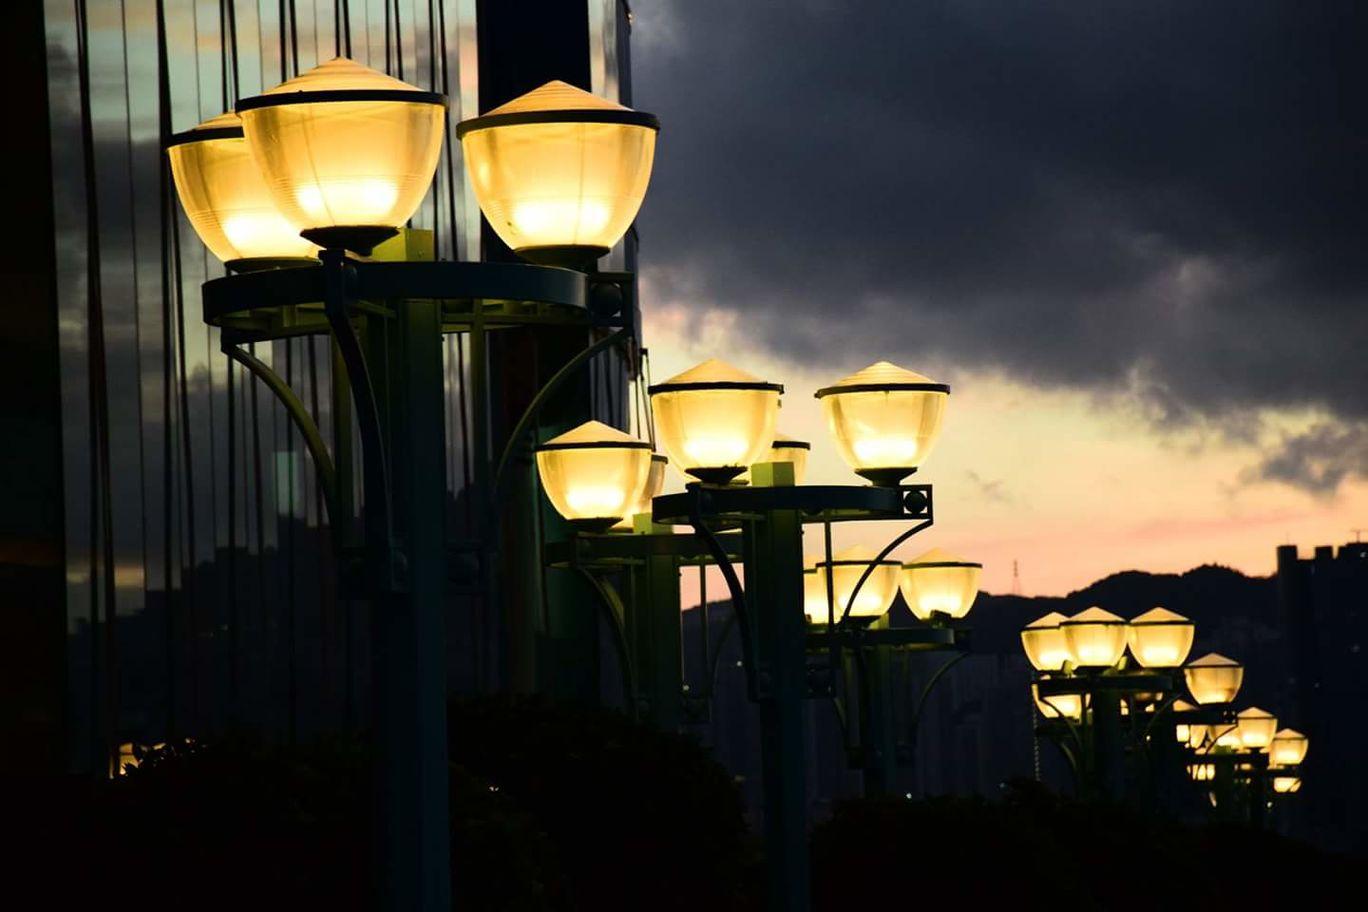 Photo of Hong Kong By Vartika Khullar